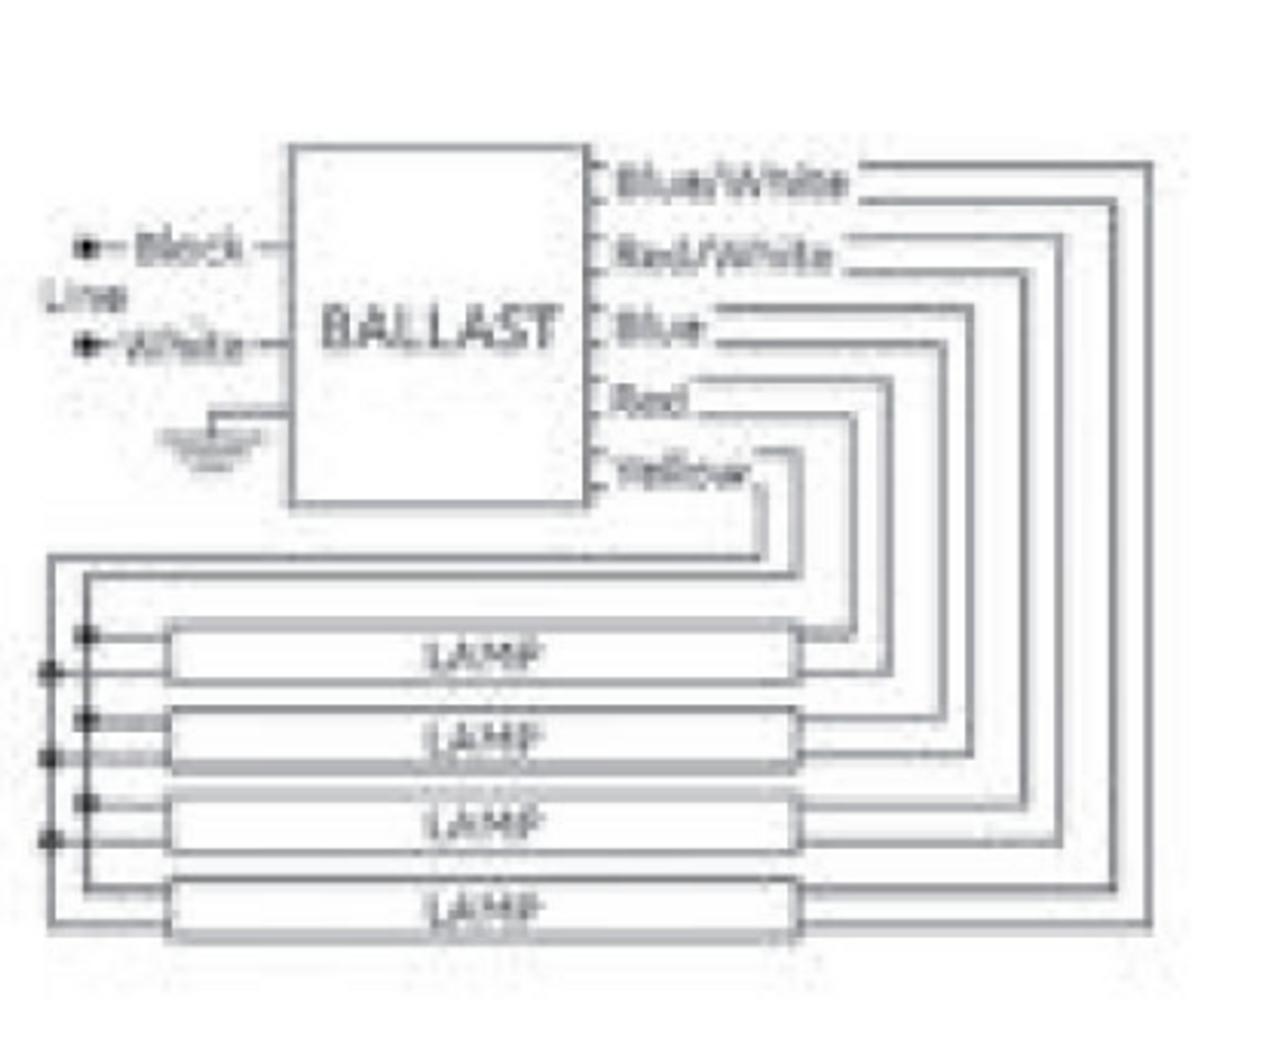 Ge454mvps90 F Ge 67566 Ultrastart T5 Electronic Ballast